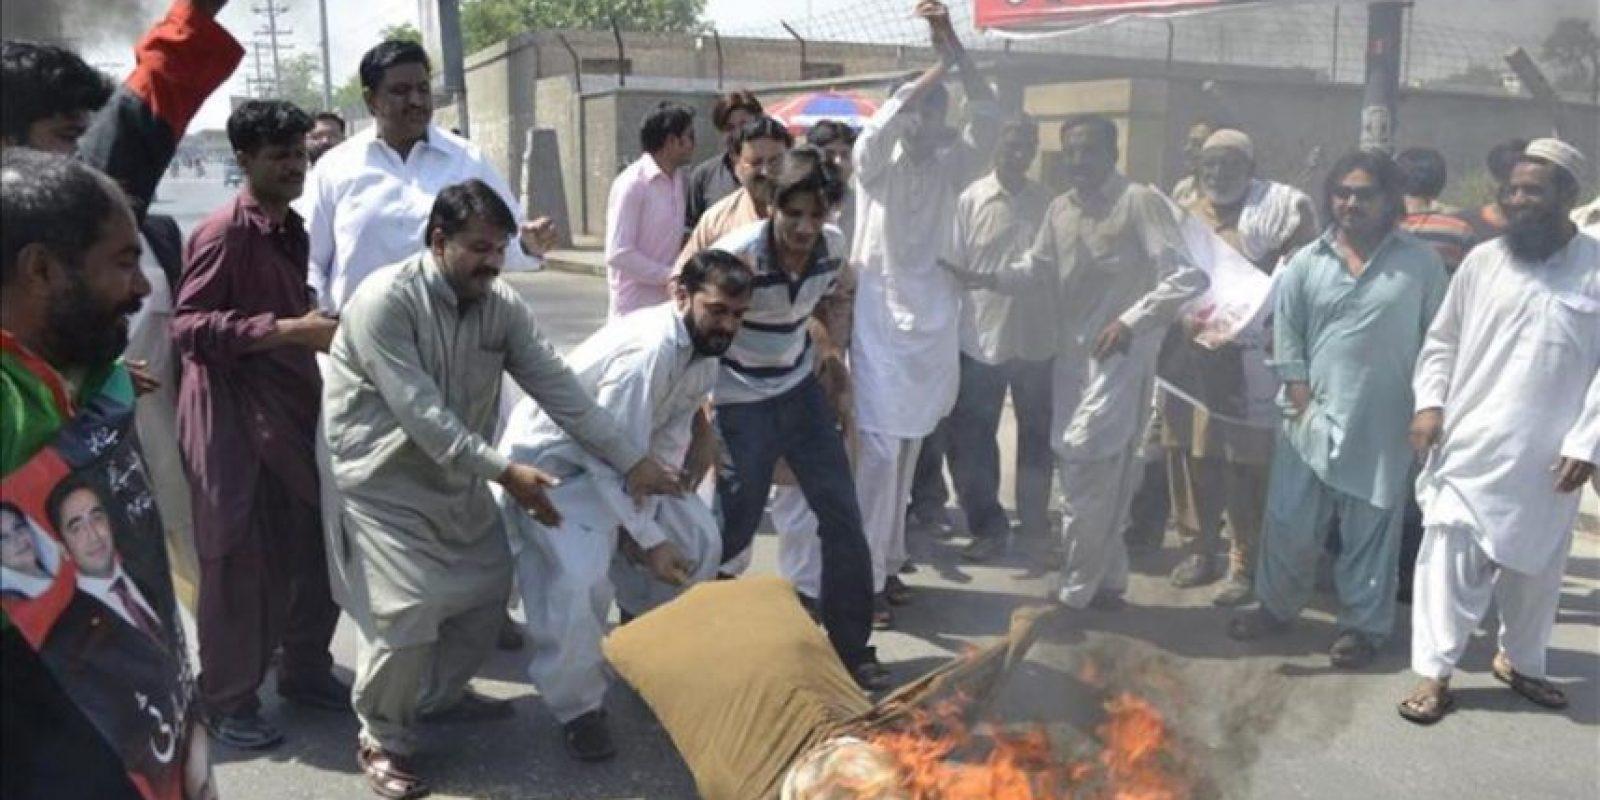 Simpatizantes del gobernante Partido Popular de Pakistán (PPP) protestan después de que el Tribunal Supremo de Pakistán declarara culpable de desacato al primer ministro del país, Yusuf Razá Guilani, por negarse a reabrir una causa de corrupción contra el actual presidente del país, Asif Alí Zardari, en Multan, Pakistán, el jueves 26 de abril. EFE